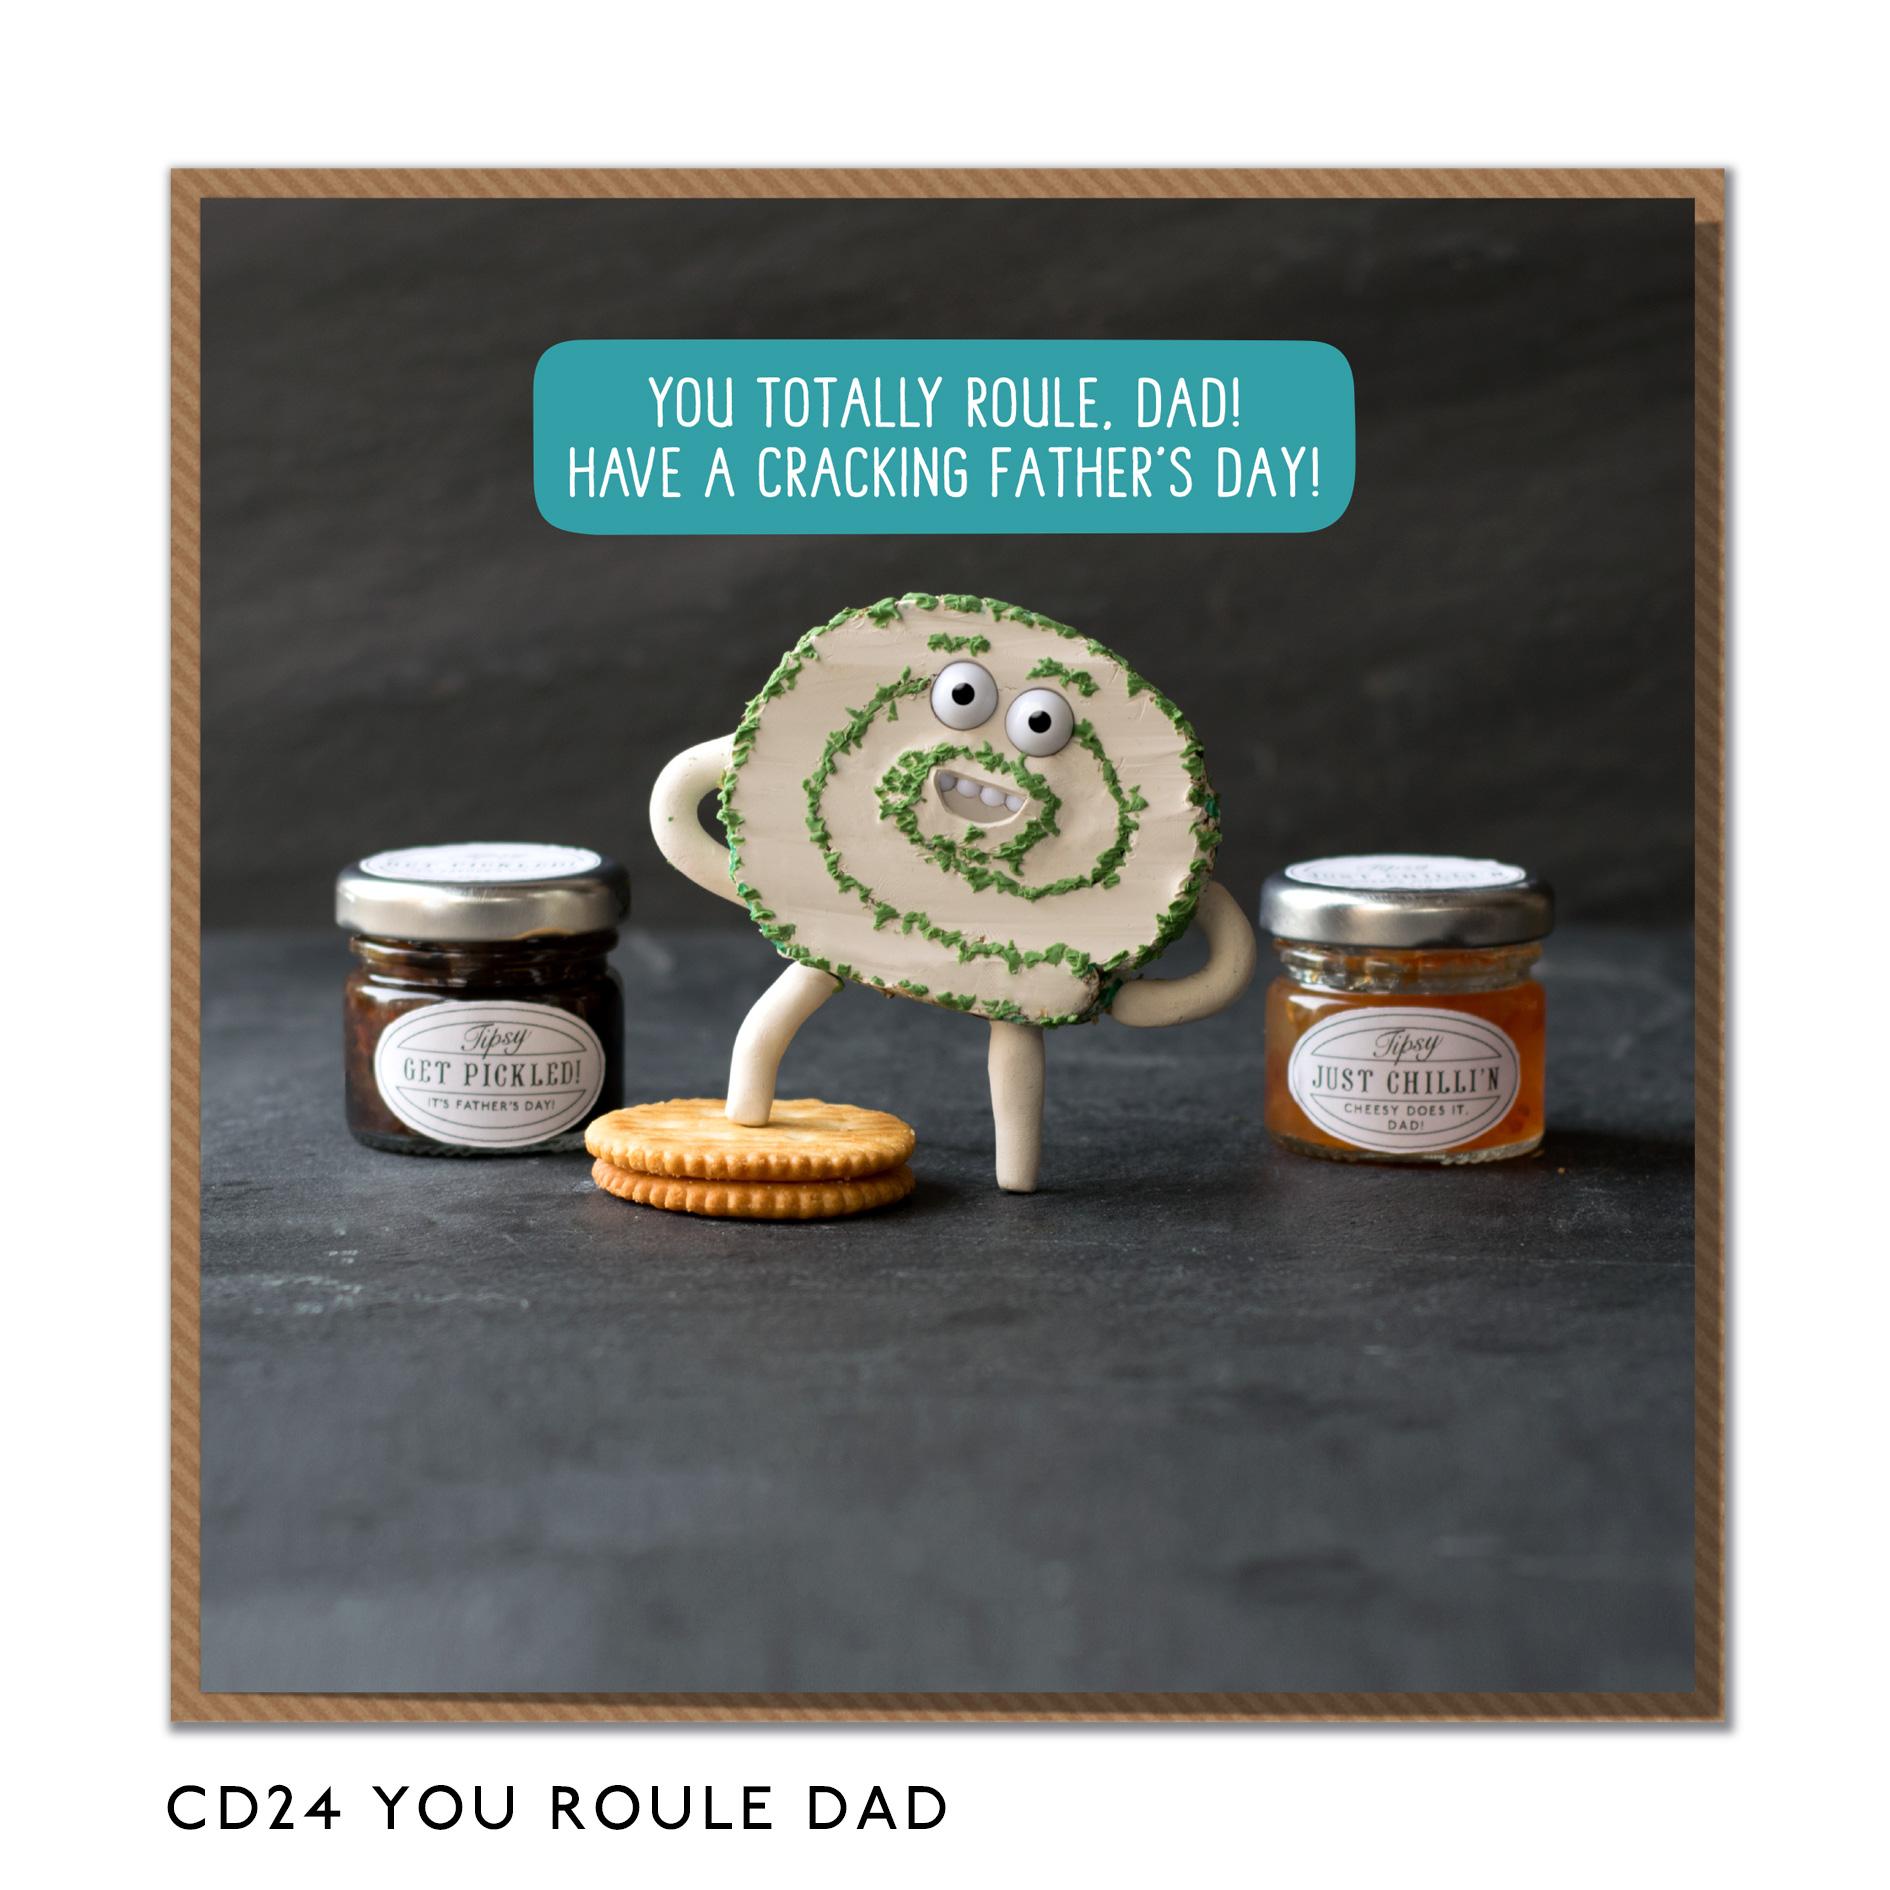 CD24-YOU-ROULE-DAD2.jpg